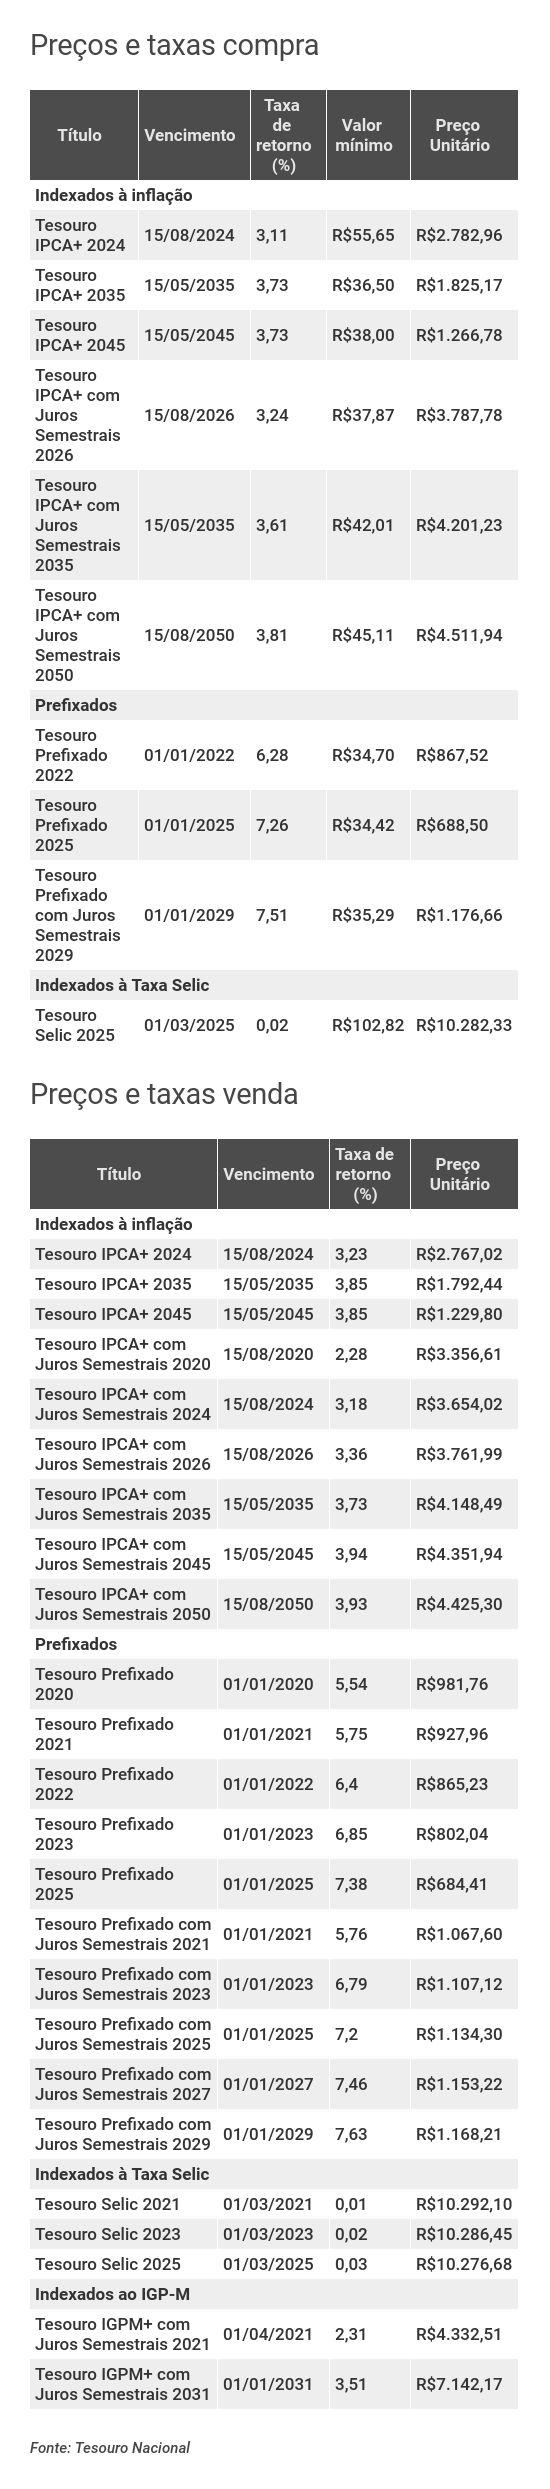 Preço e taxas do Tesouro Direto em 29 de agosto de 2019